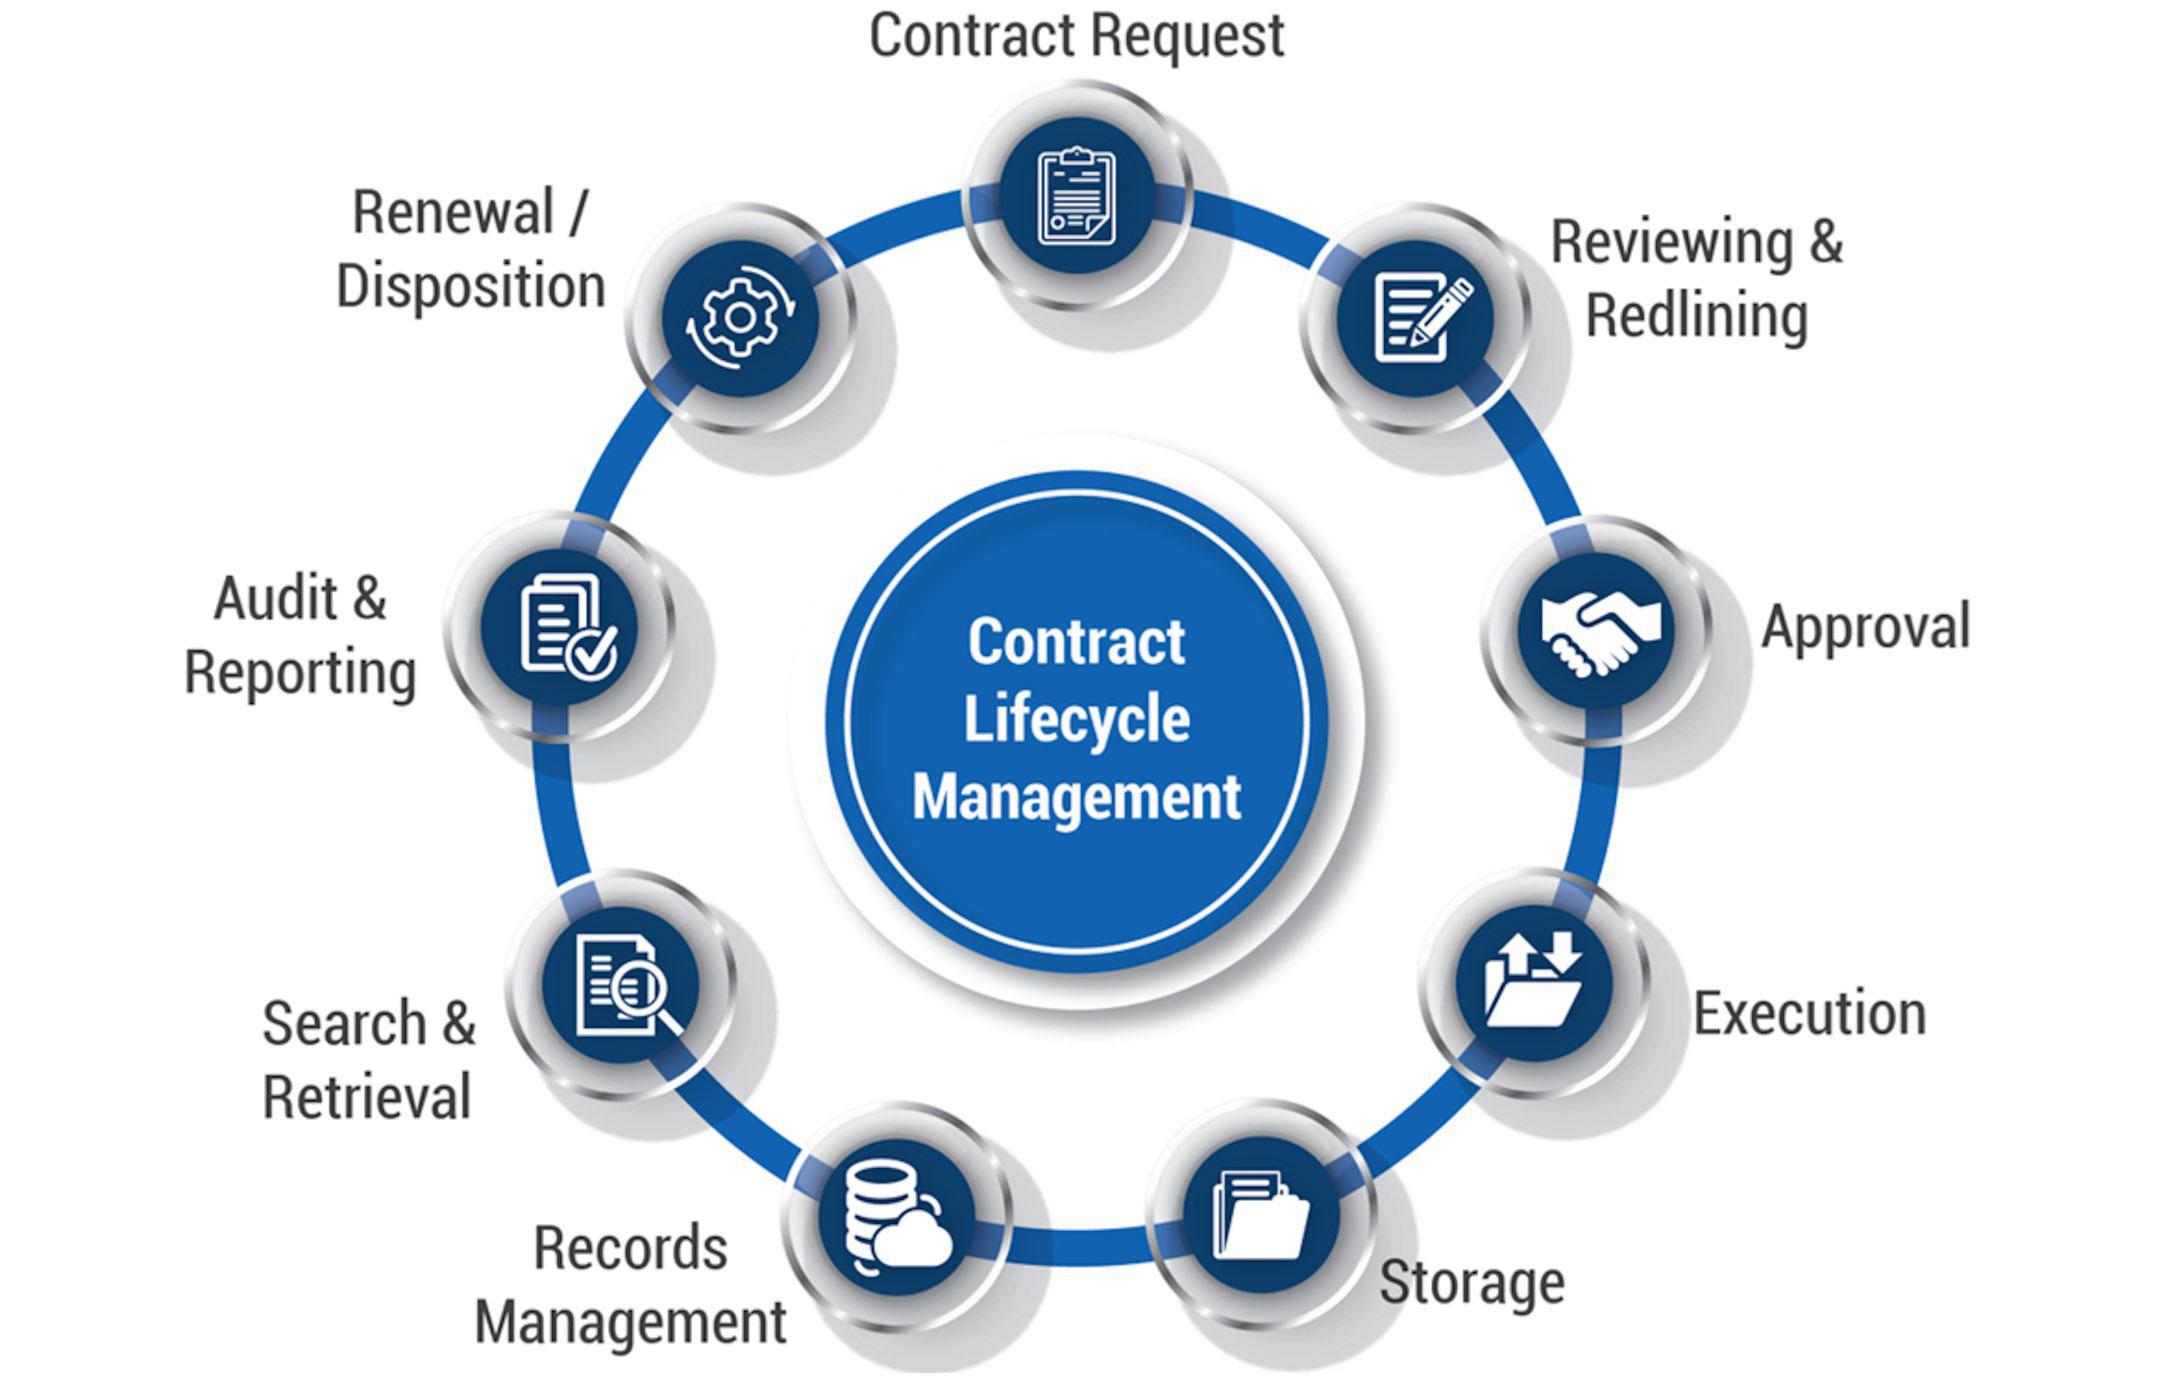 مدیریت چرخه حیات قراردادی